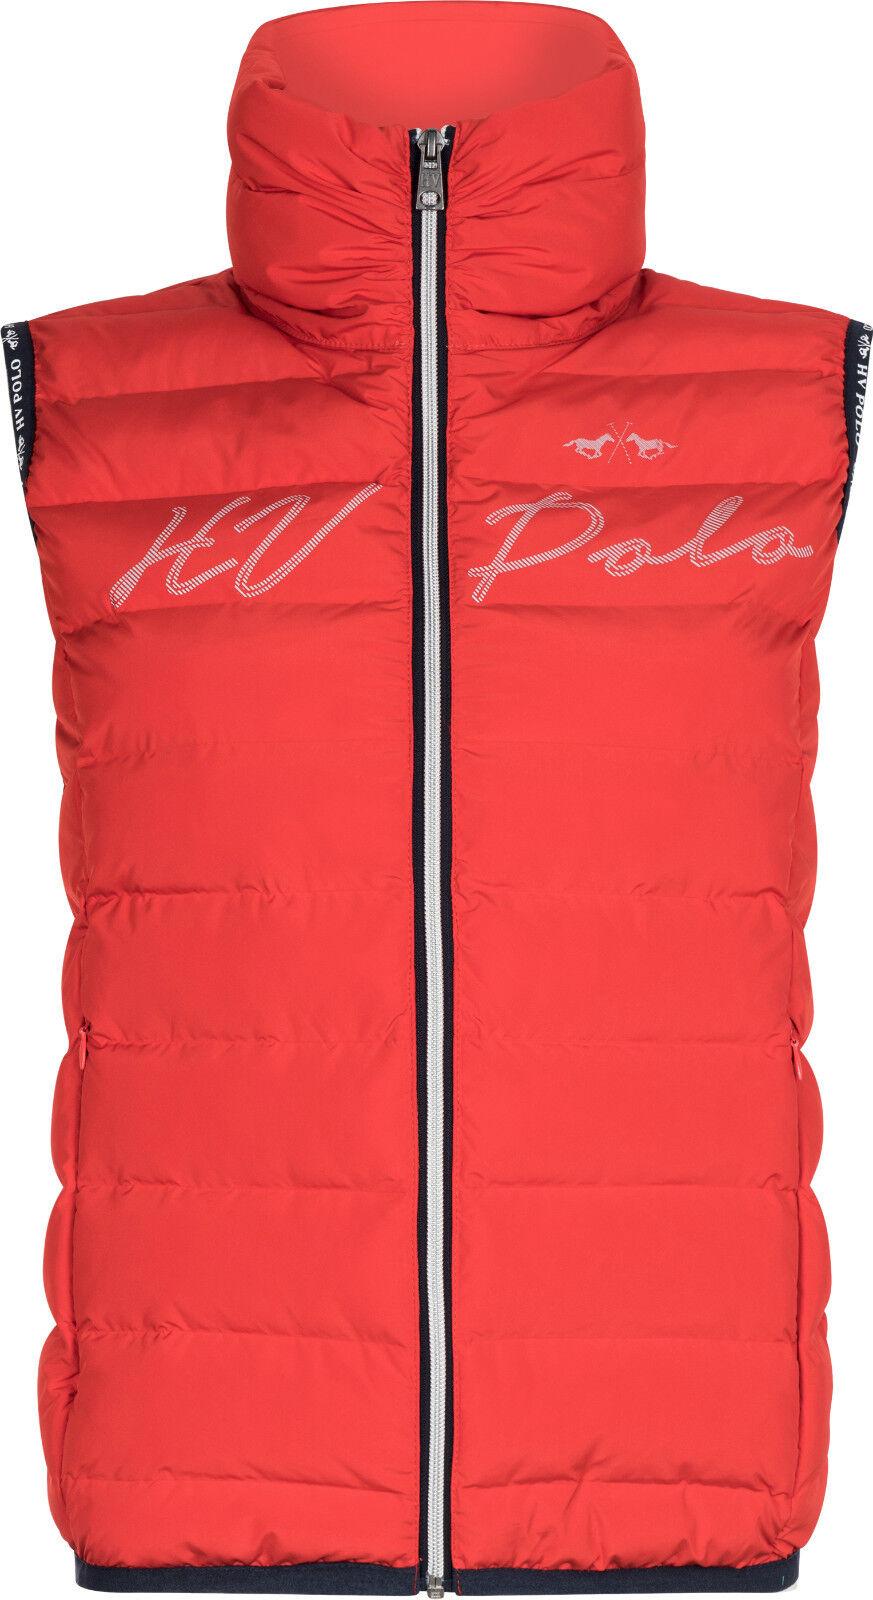 HV Polo Damen Bodywarmer Bodywarmer Bodywarmer Reitweste Jena Stehkragen Logo-Print  | Erschwinglich  | Neue Produkte im Jahr 2019  | Zuverlässiger Ruf  de63c1